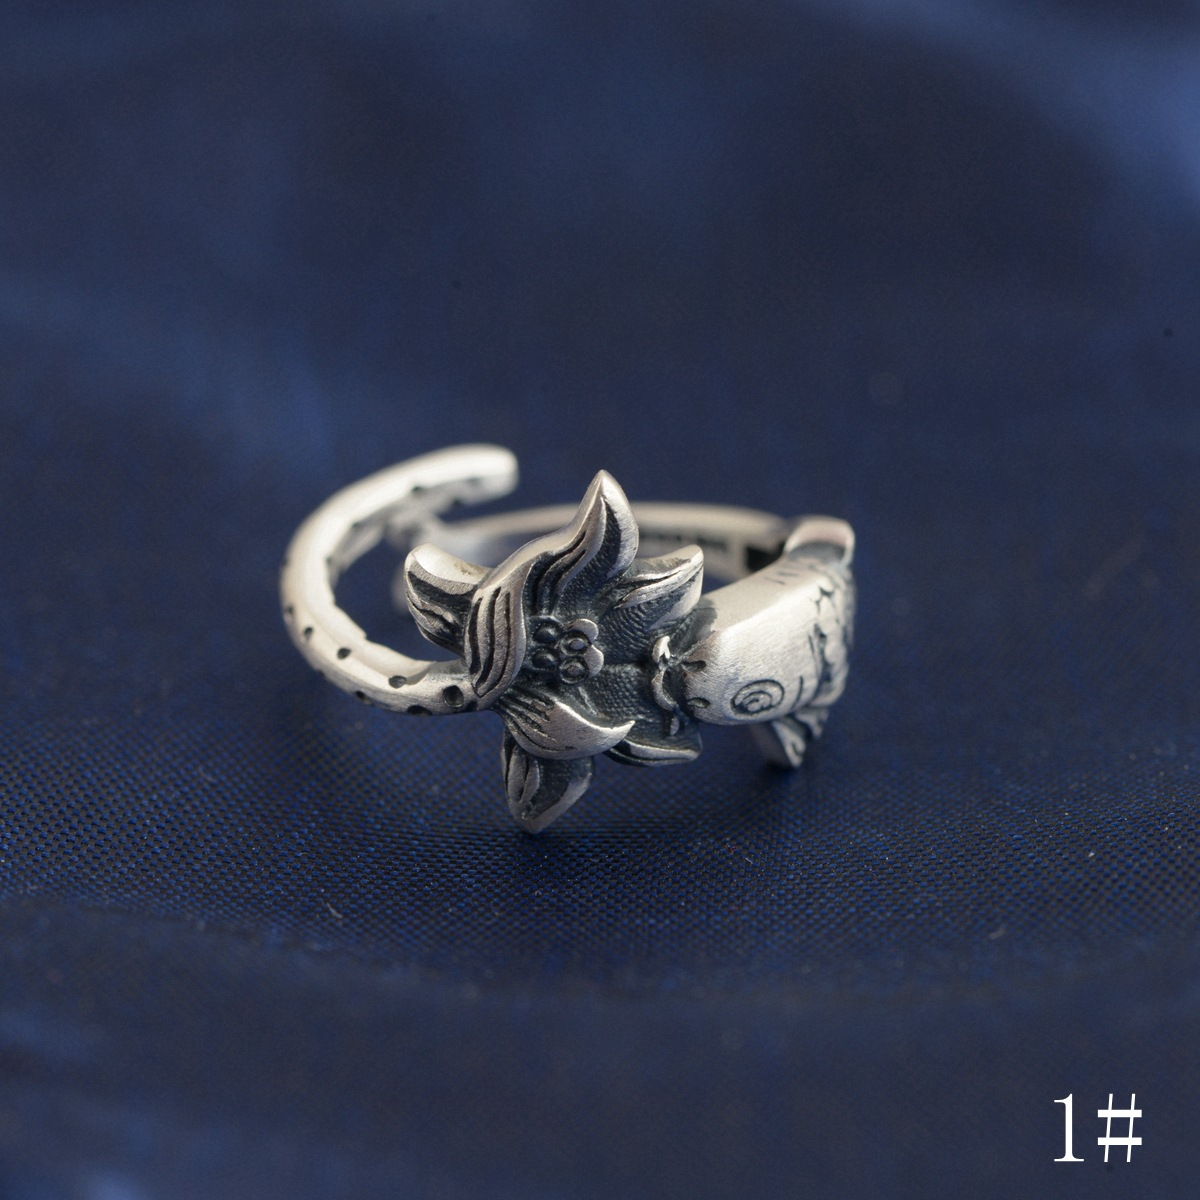 Золотые украшения линии мелкий опт серебряный браслет 990 тайский серебряный Ремесло архаизмы Стиль каждый год более Новинка